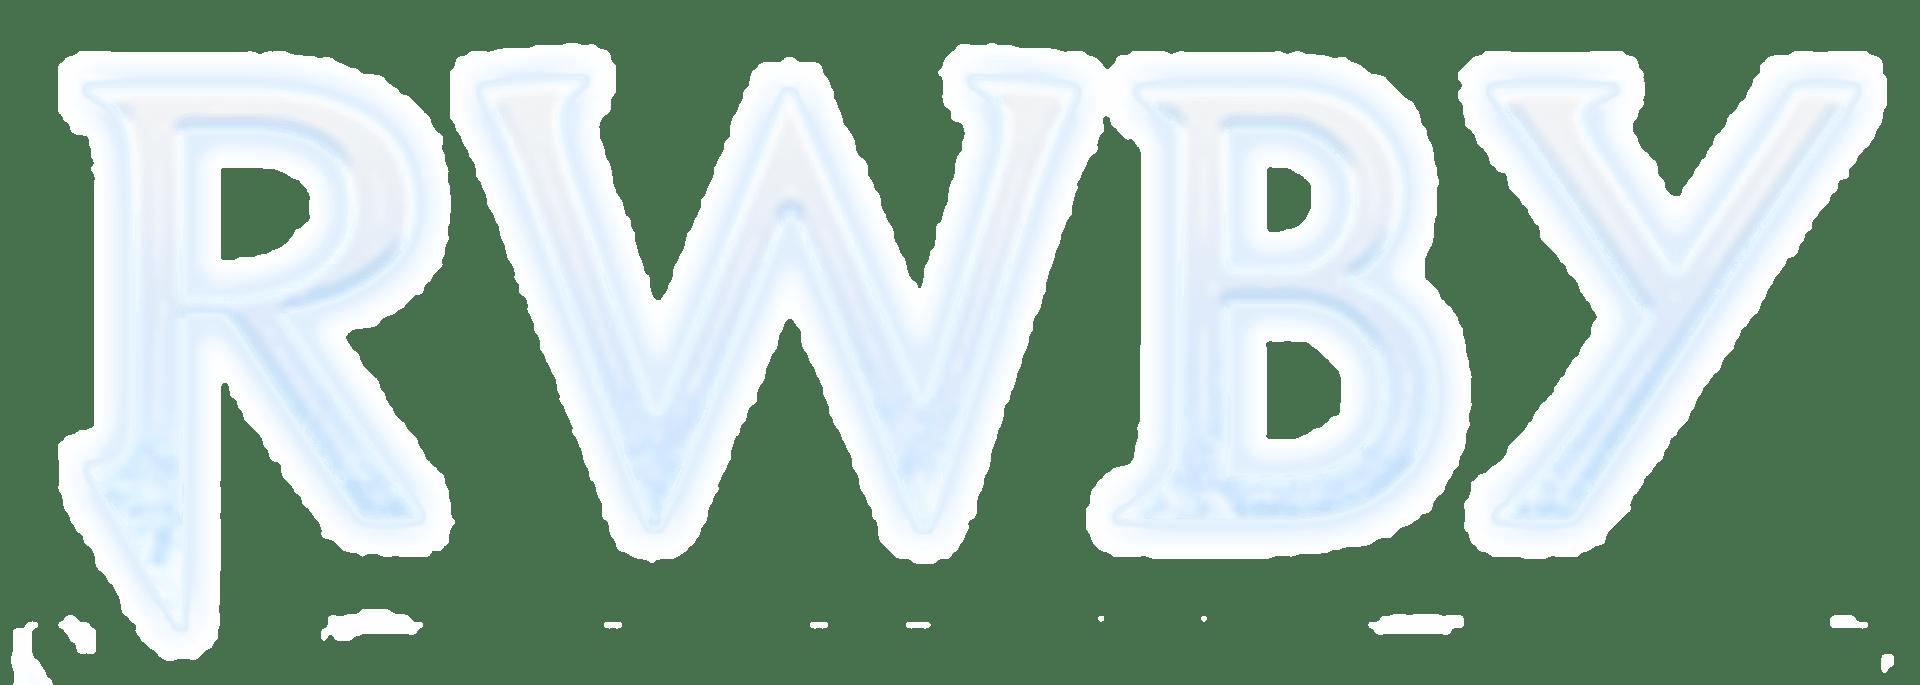 Series RWBY - Rooster Teeth